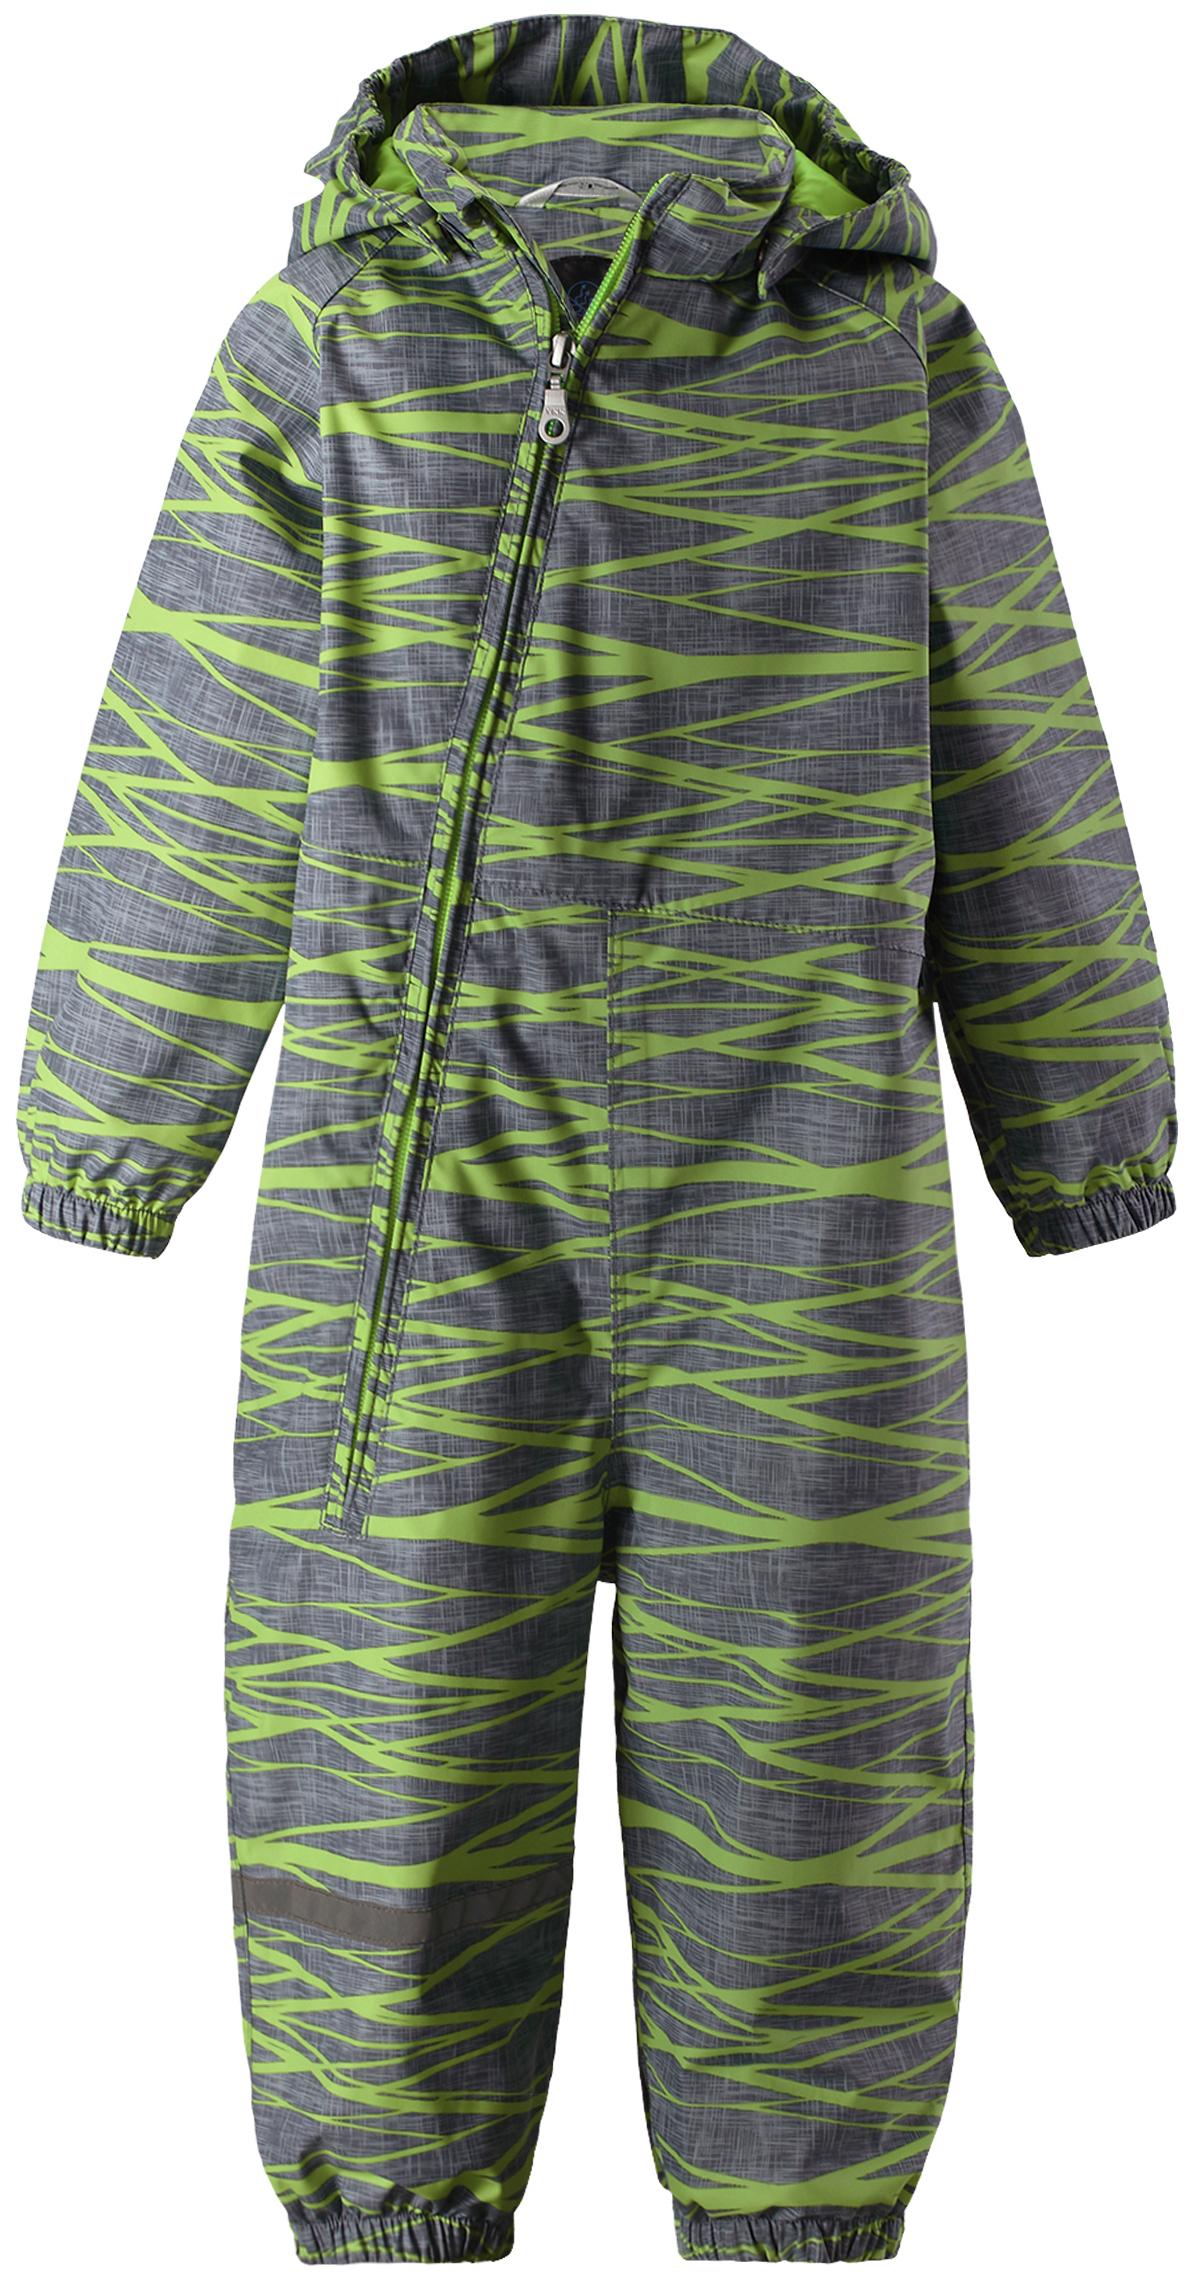 Купить Комбинезоны, Комбинезон для мальчика Lassie, зеленый, Китай, green, Мужской